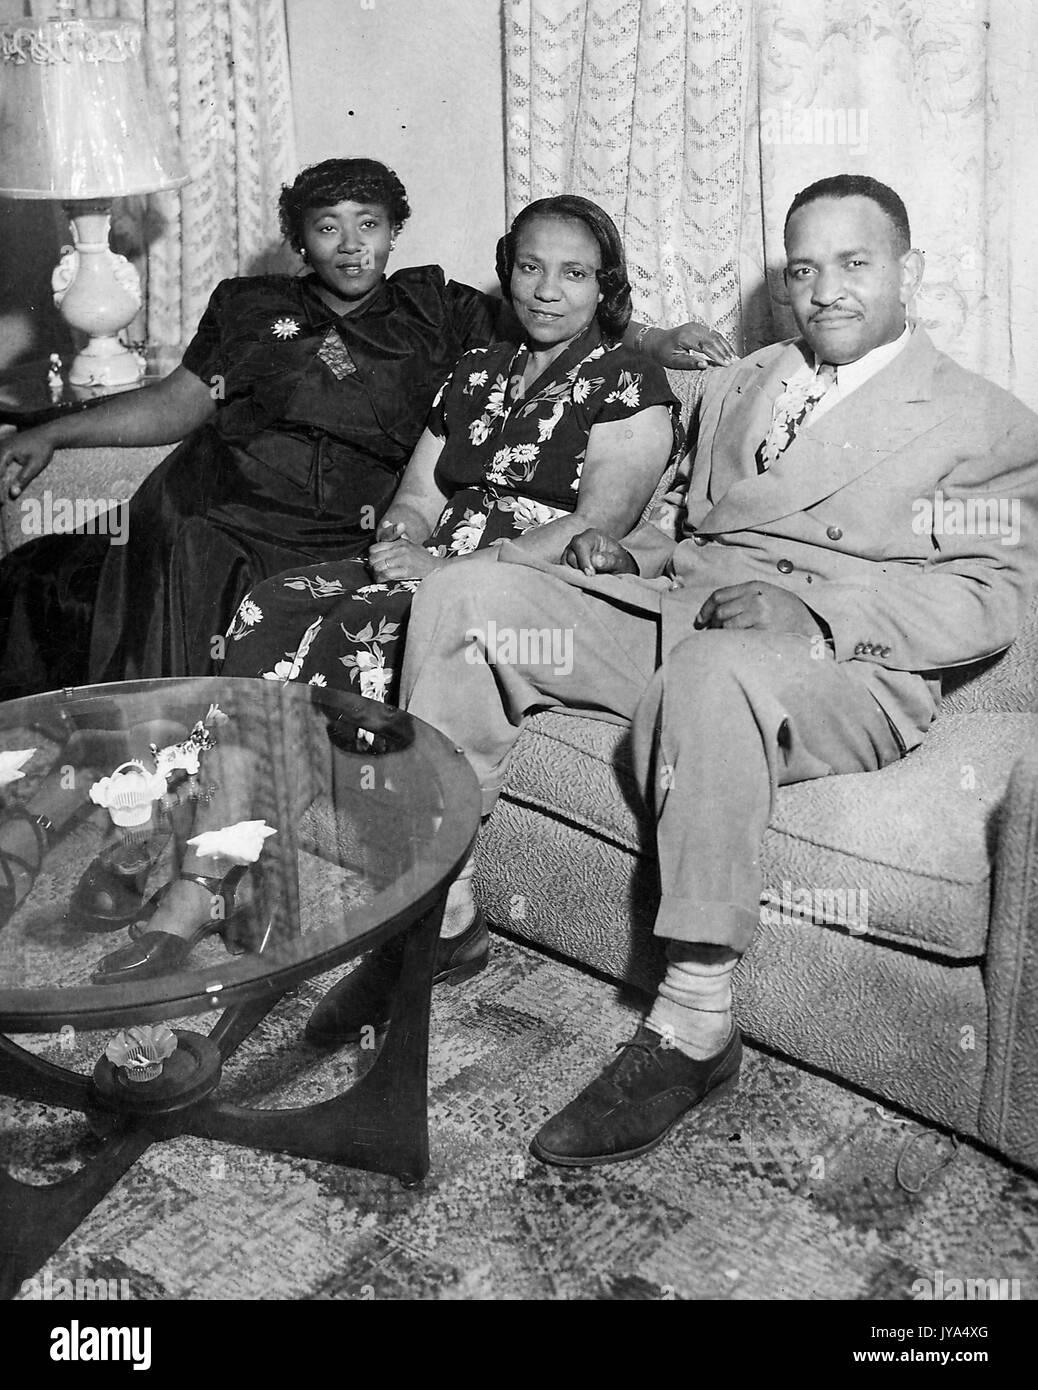 Black History 1960 Stock Photos Amp Black History 1960 Stock